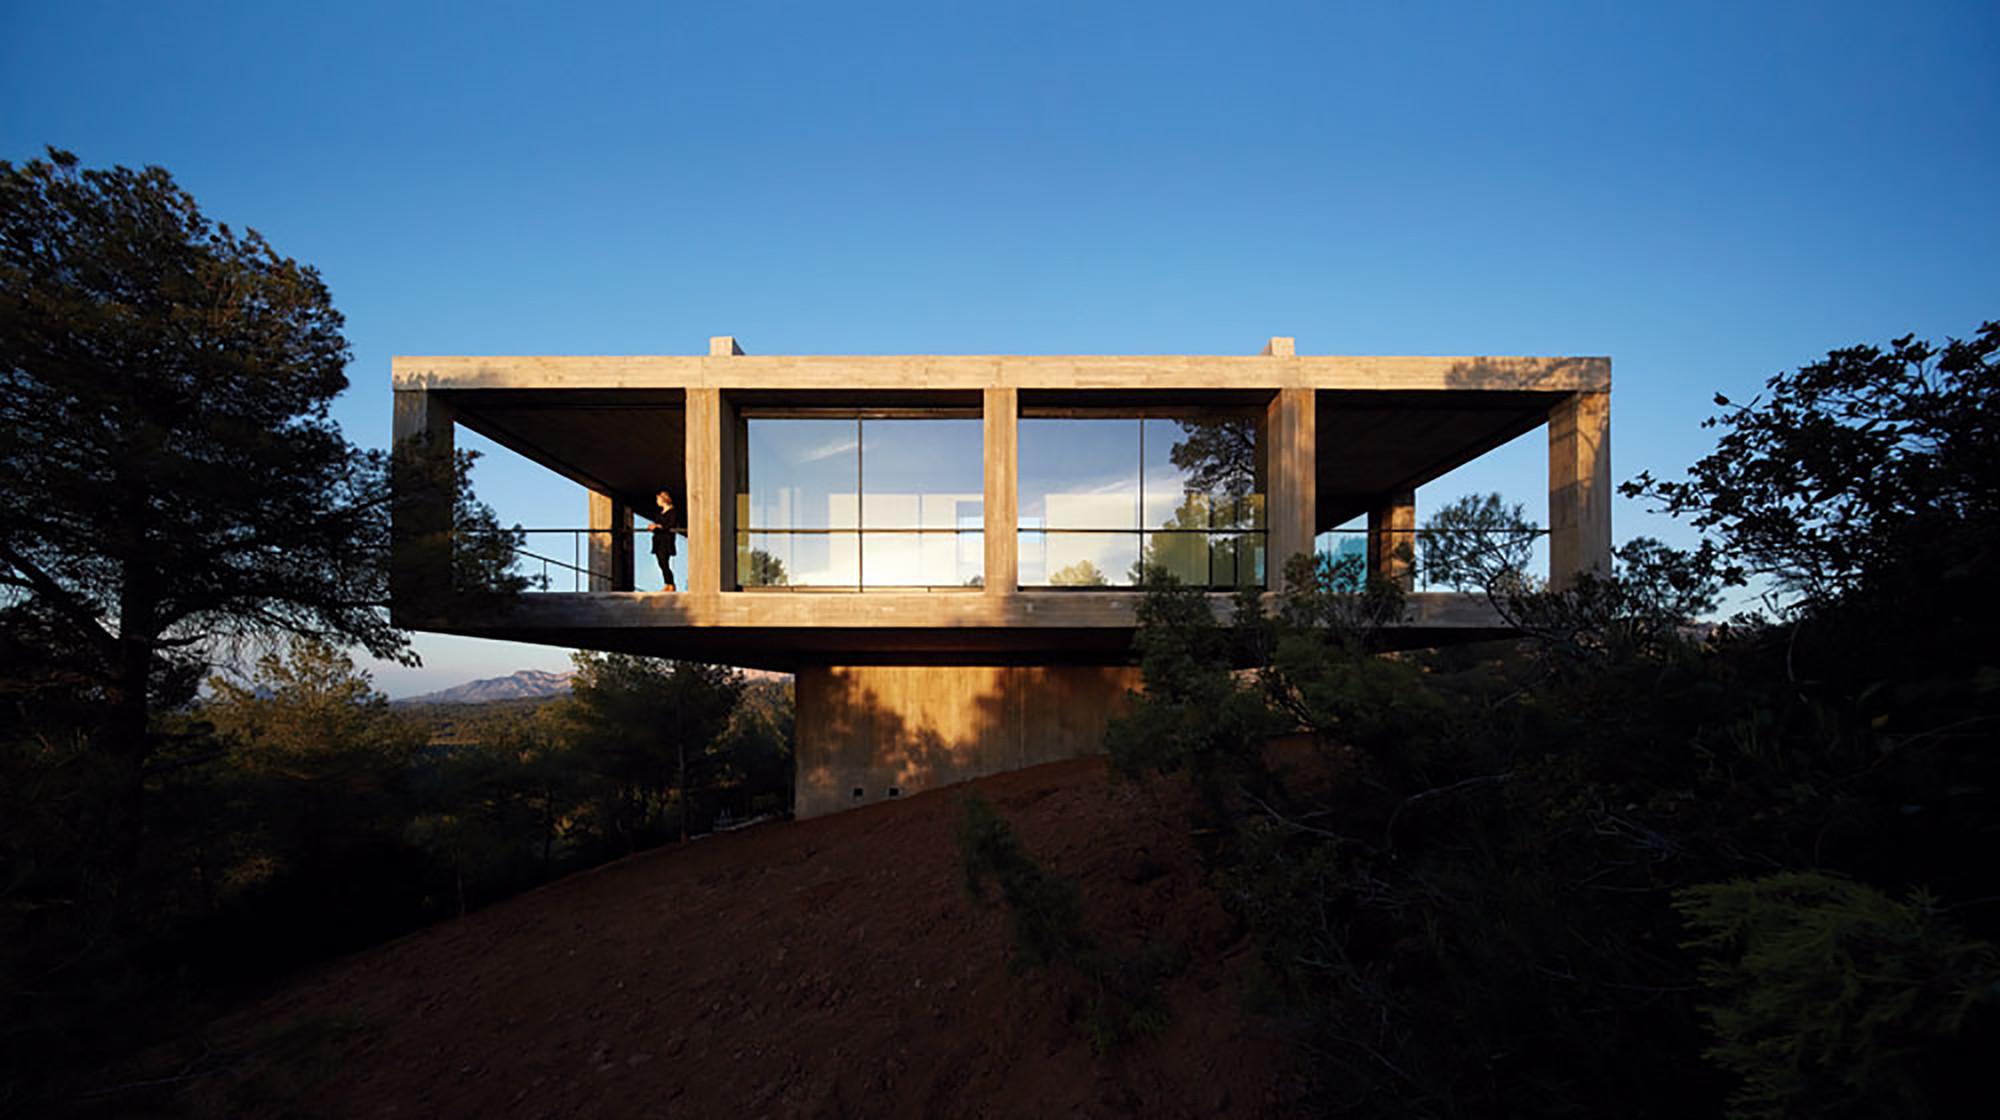 Solo House / Pezo von Ellrichshausen, © Cristobal Palma / Estudio Palma